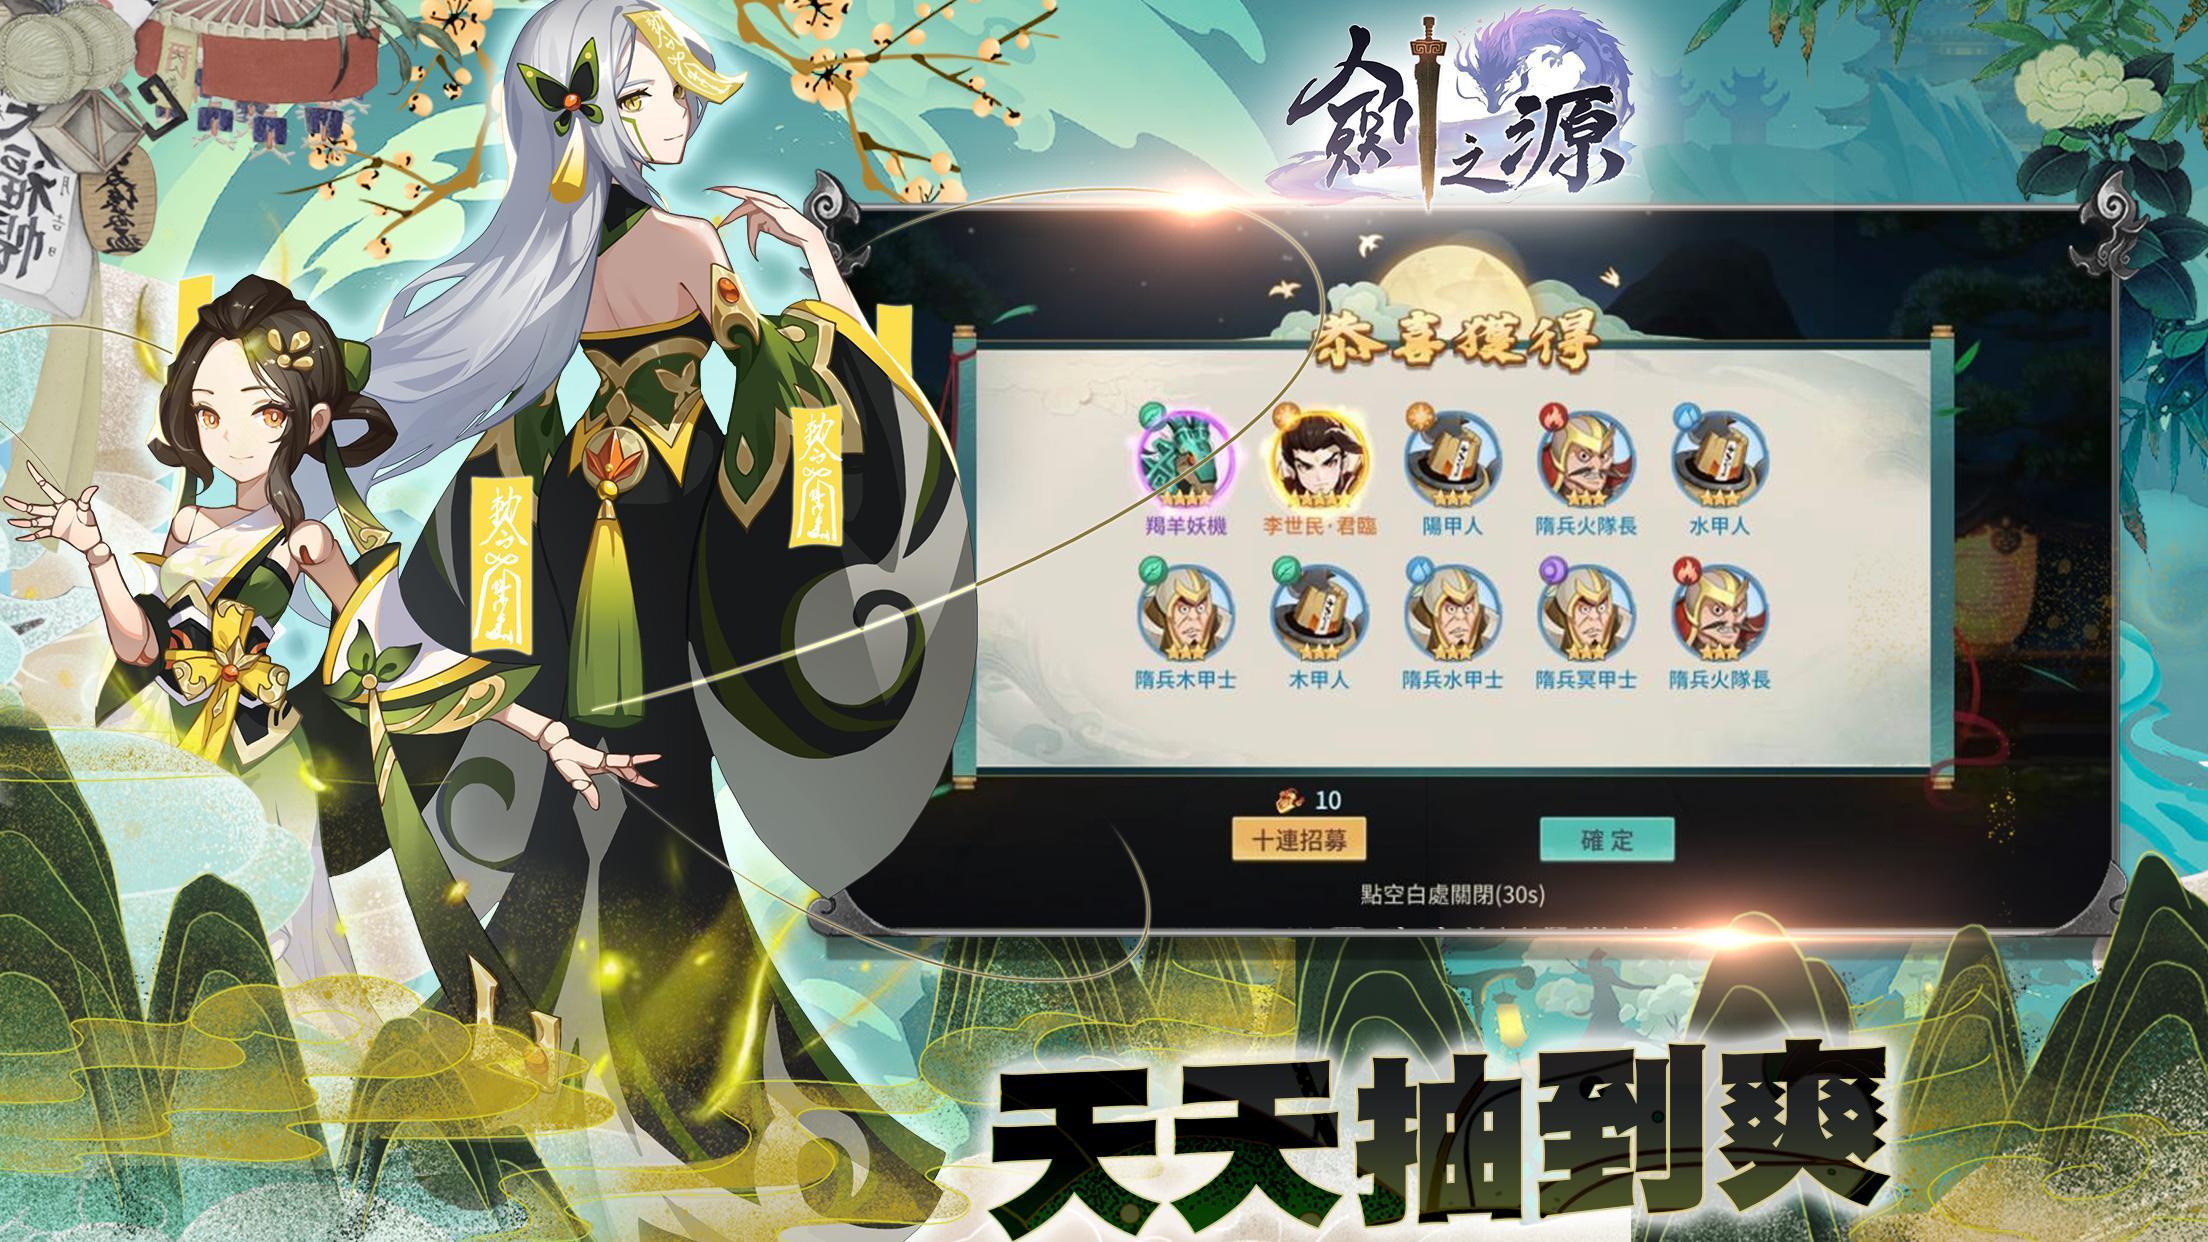 放置卡牌遊戲RPG手游《劍之源》預約人數突破5萬人次:遊戲豪禮等你來領哦!